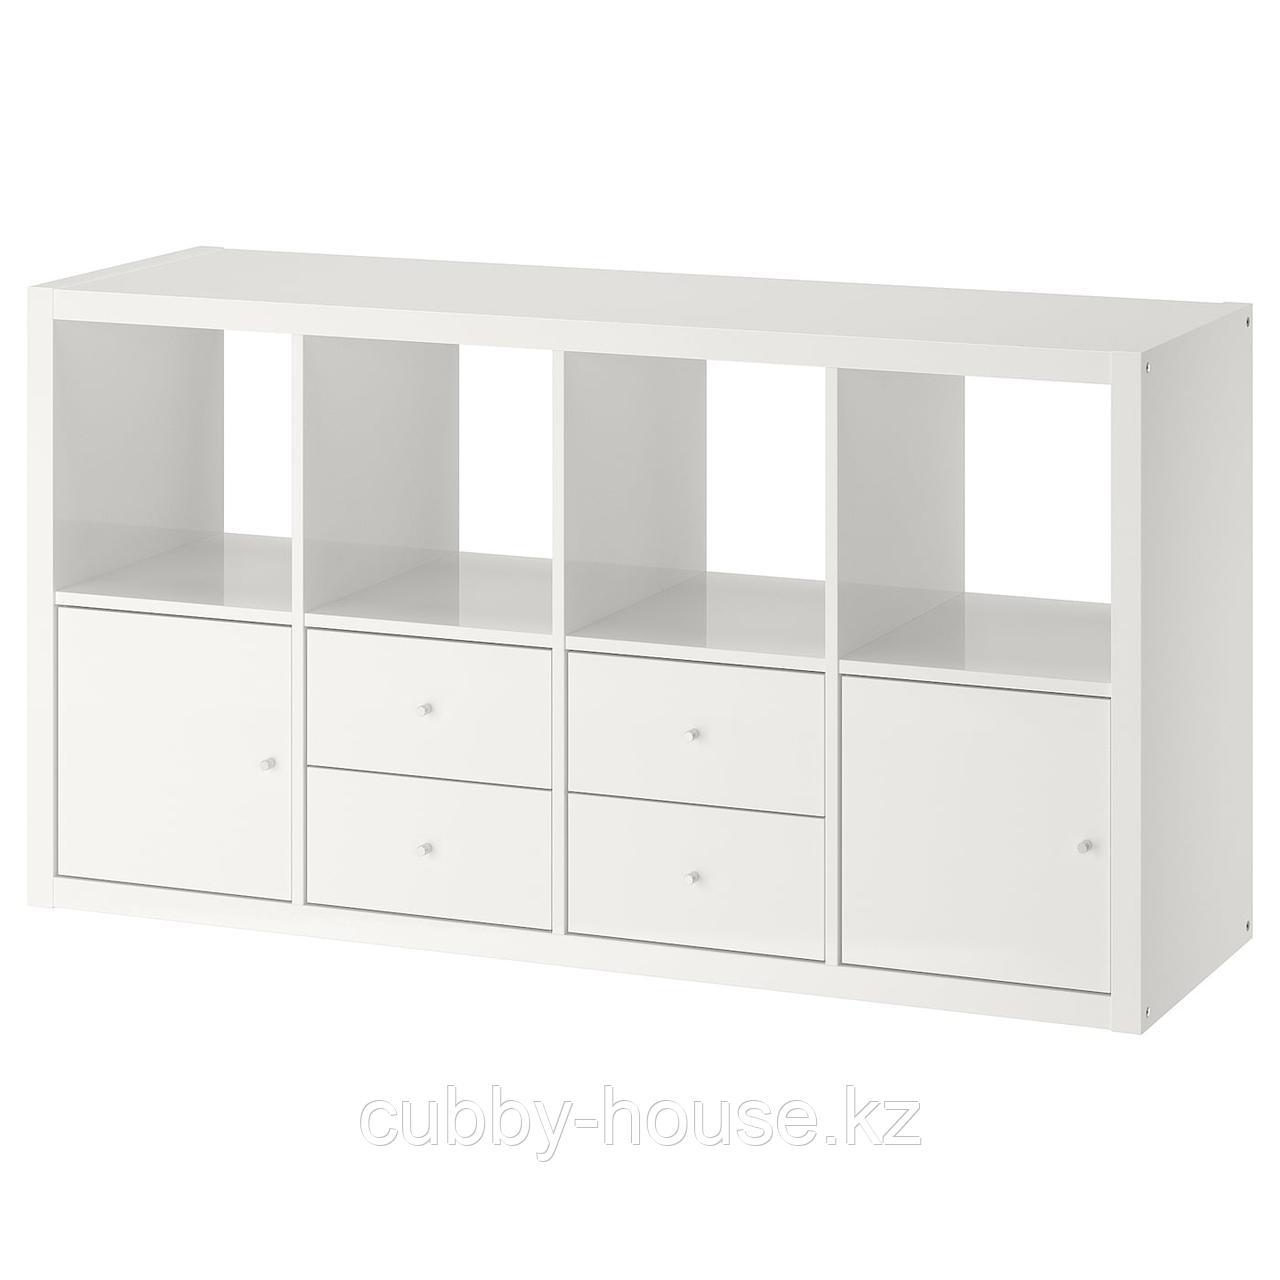 КАЛЛАКС Стеллаж с 4 вставками, белый, 77x147 см